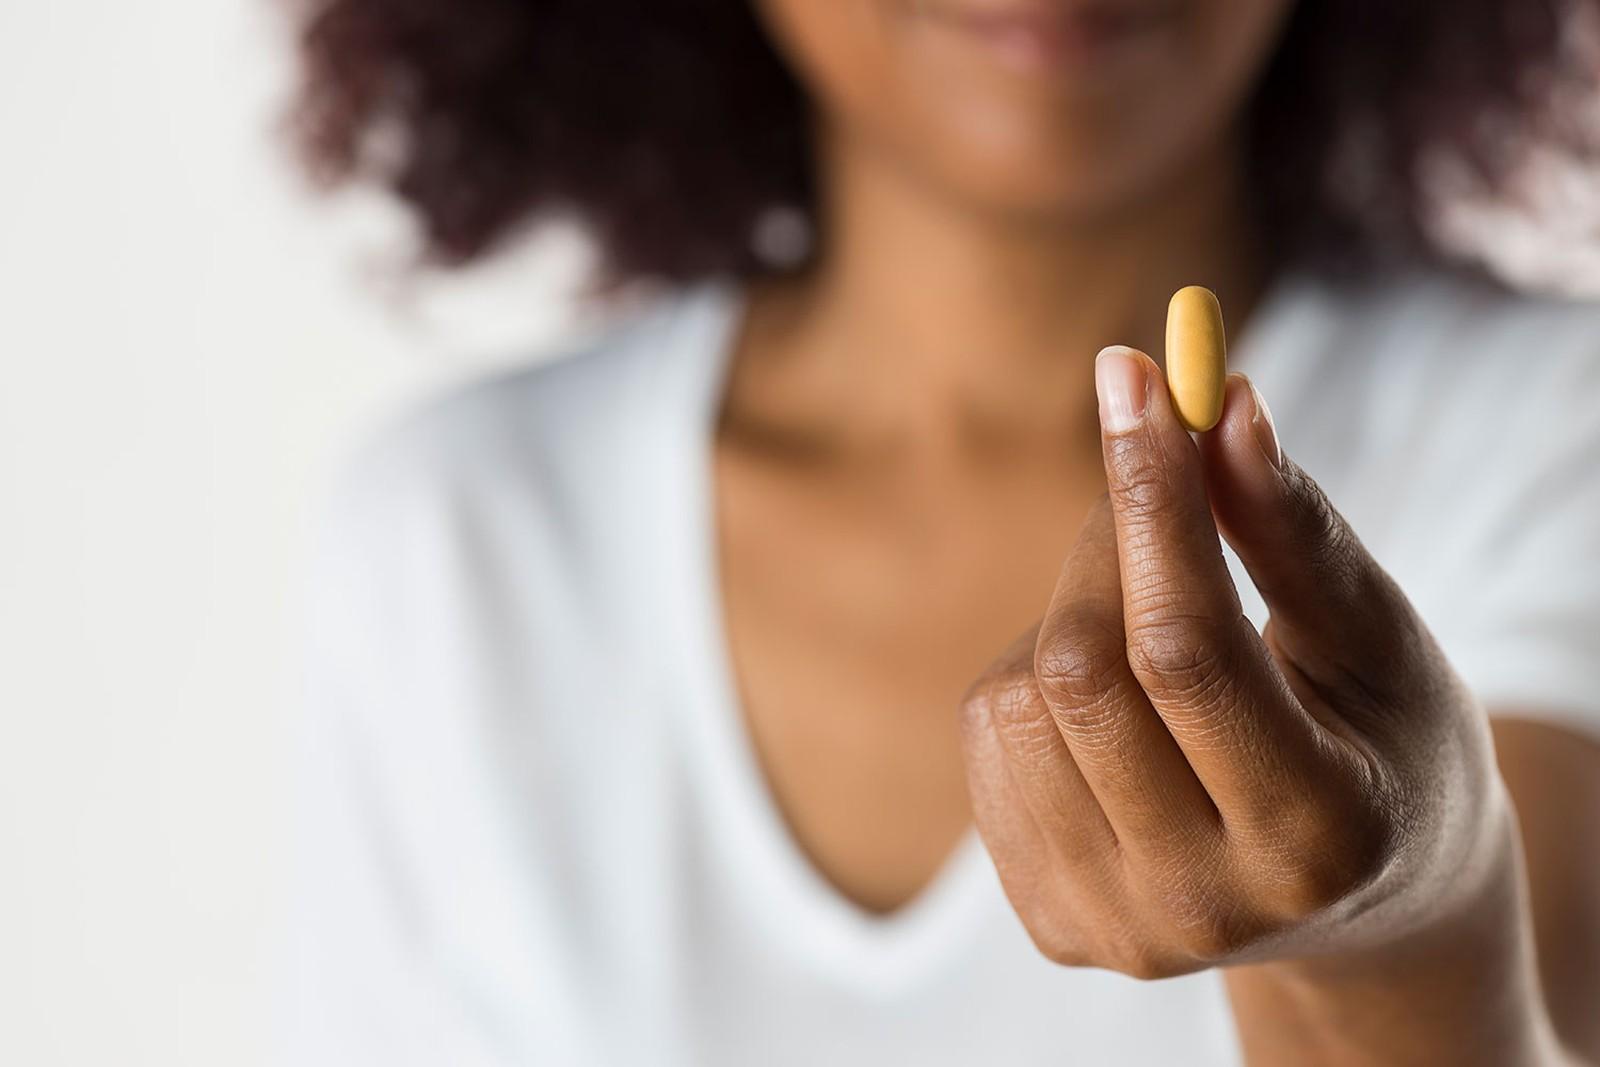 Pesquisa inédita revela comportamento dos pacientes frente aos medicamentos